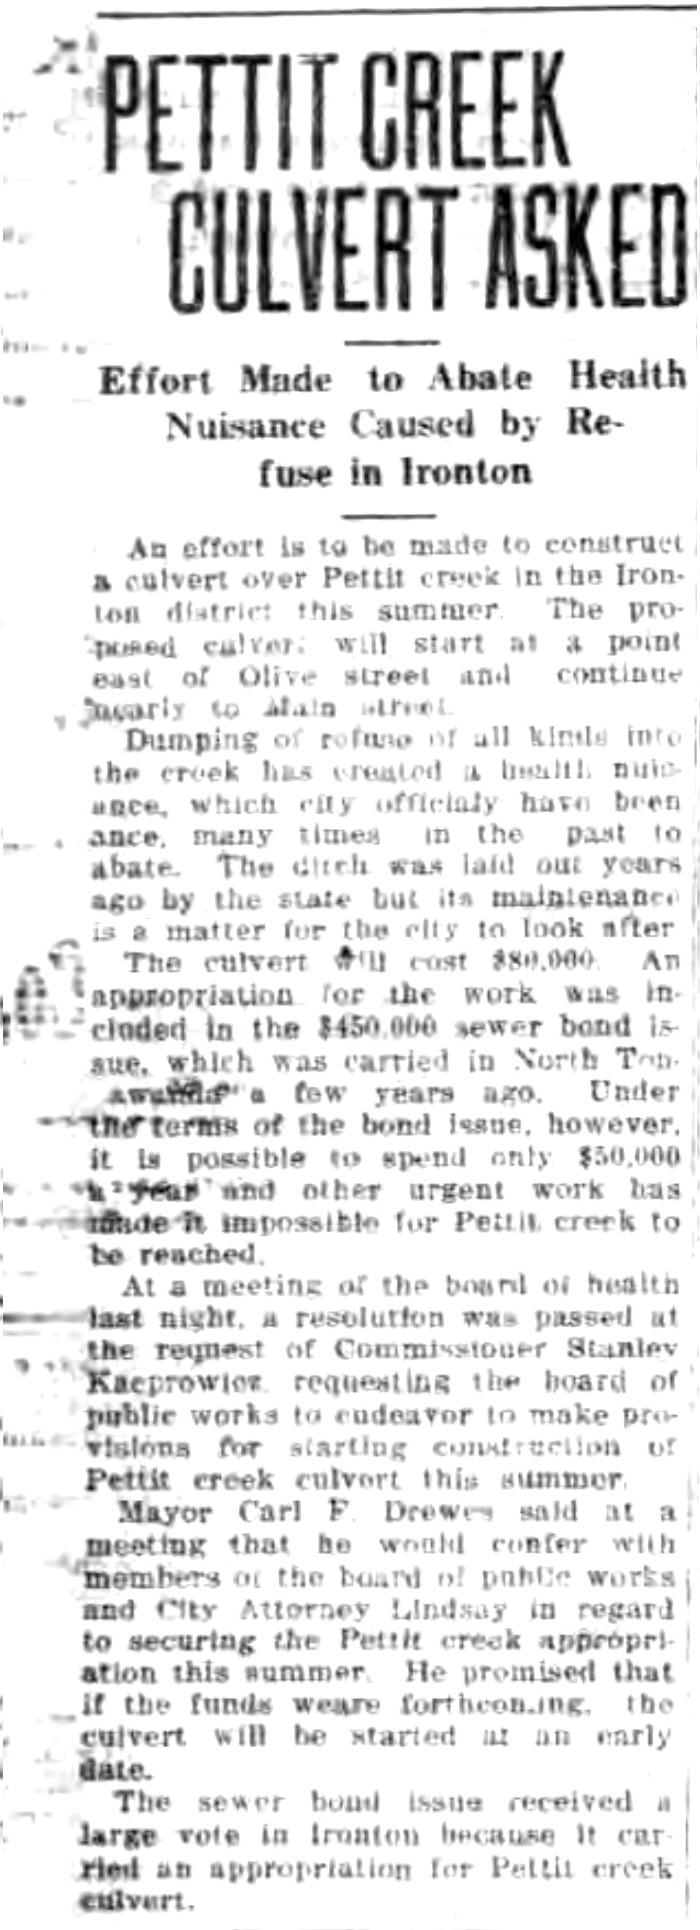 Pettit Creek culvert asked, article (Tonawanda News, c1925).jpg